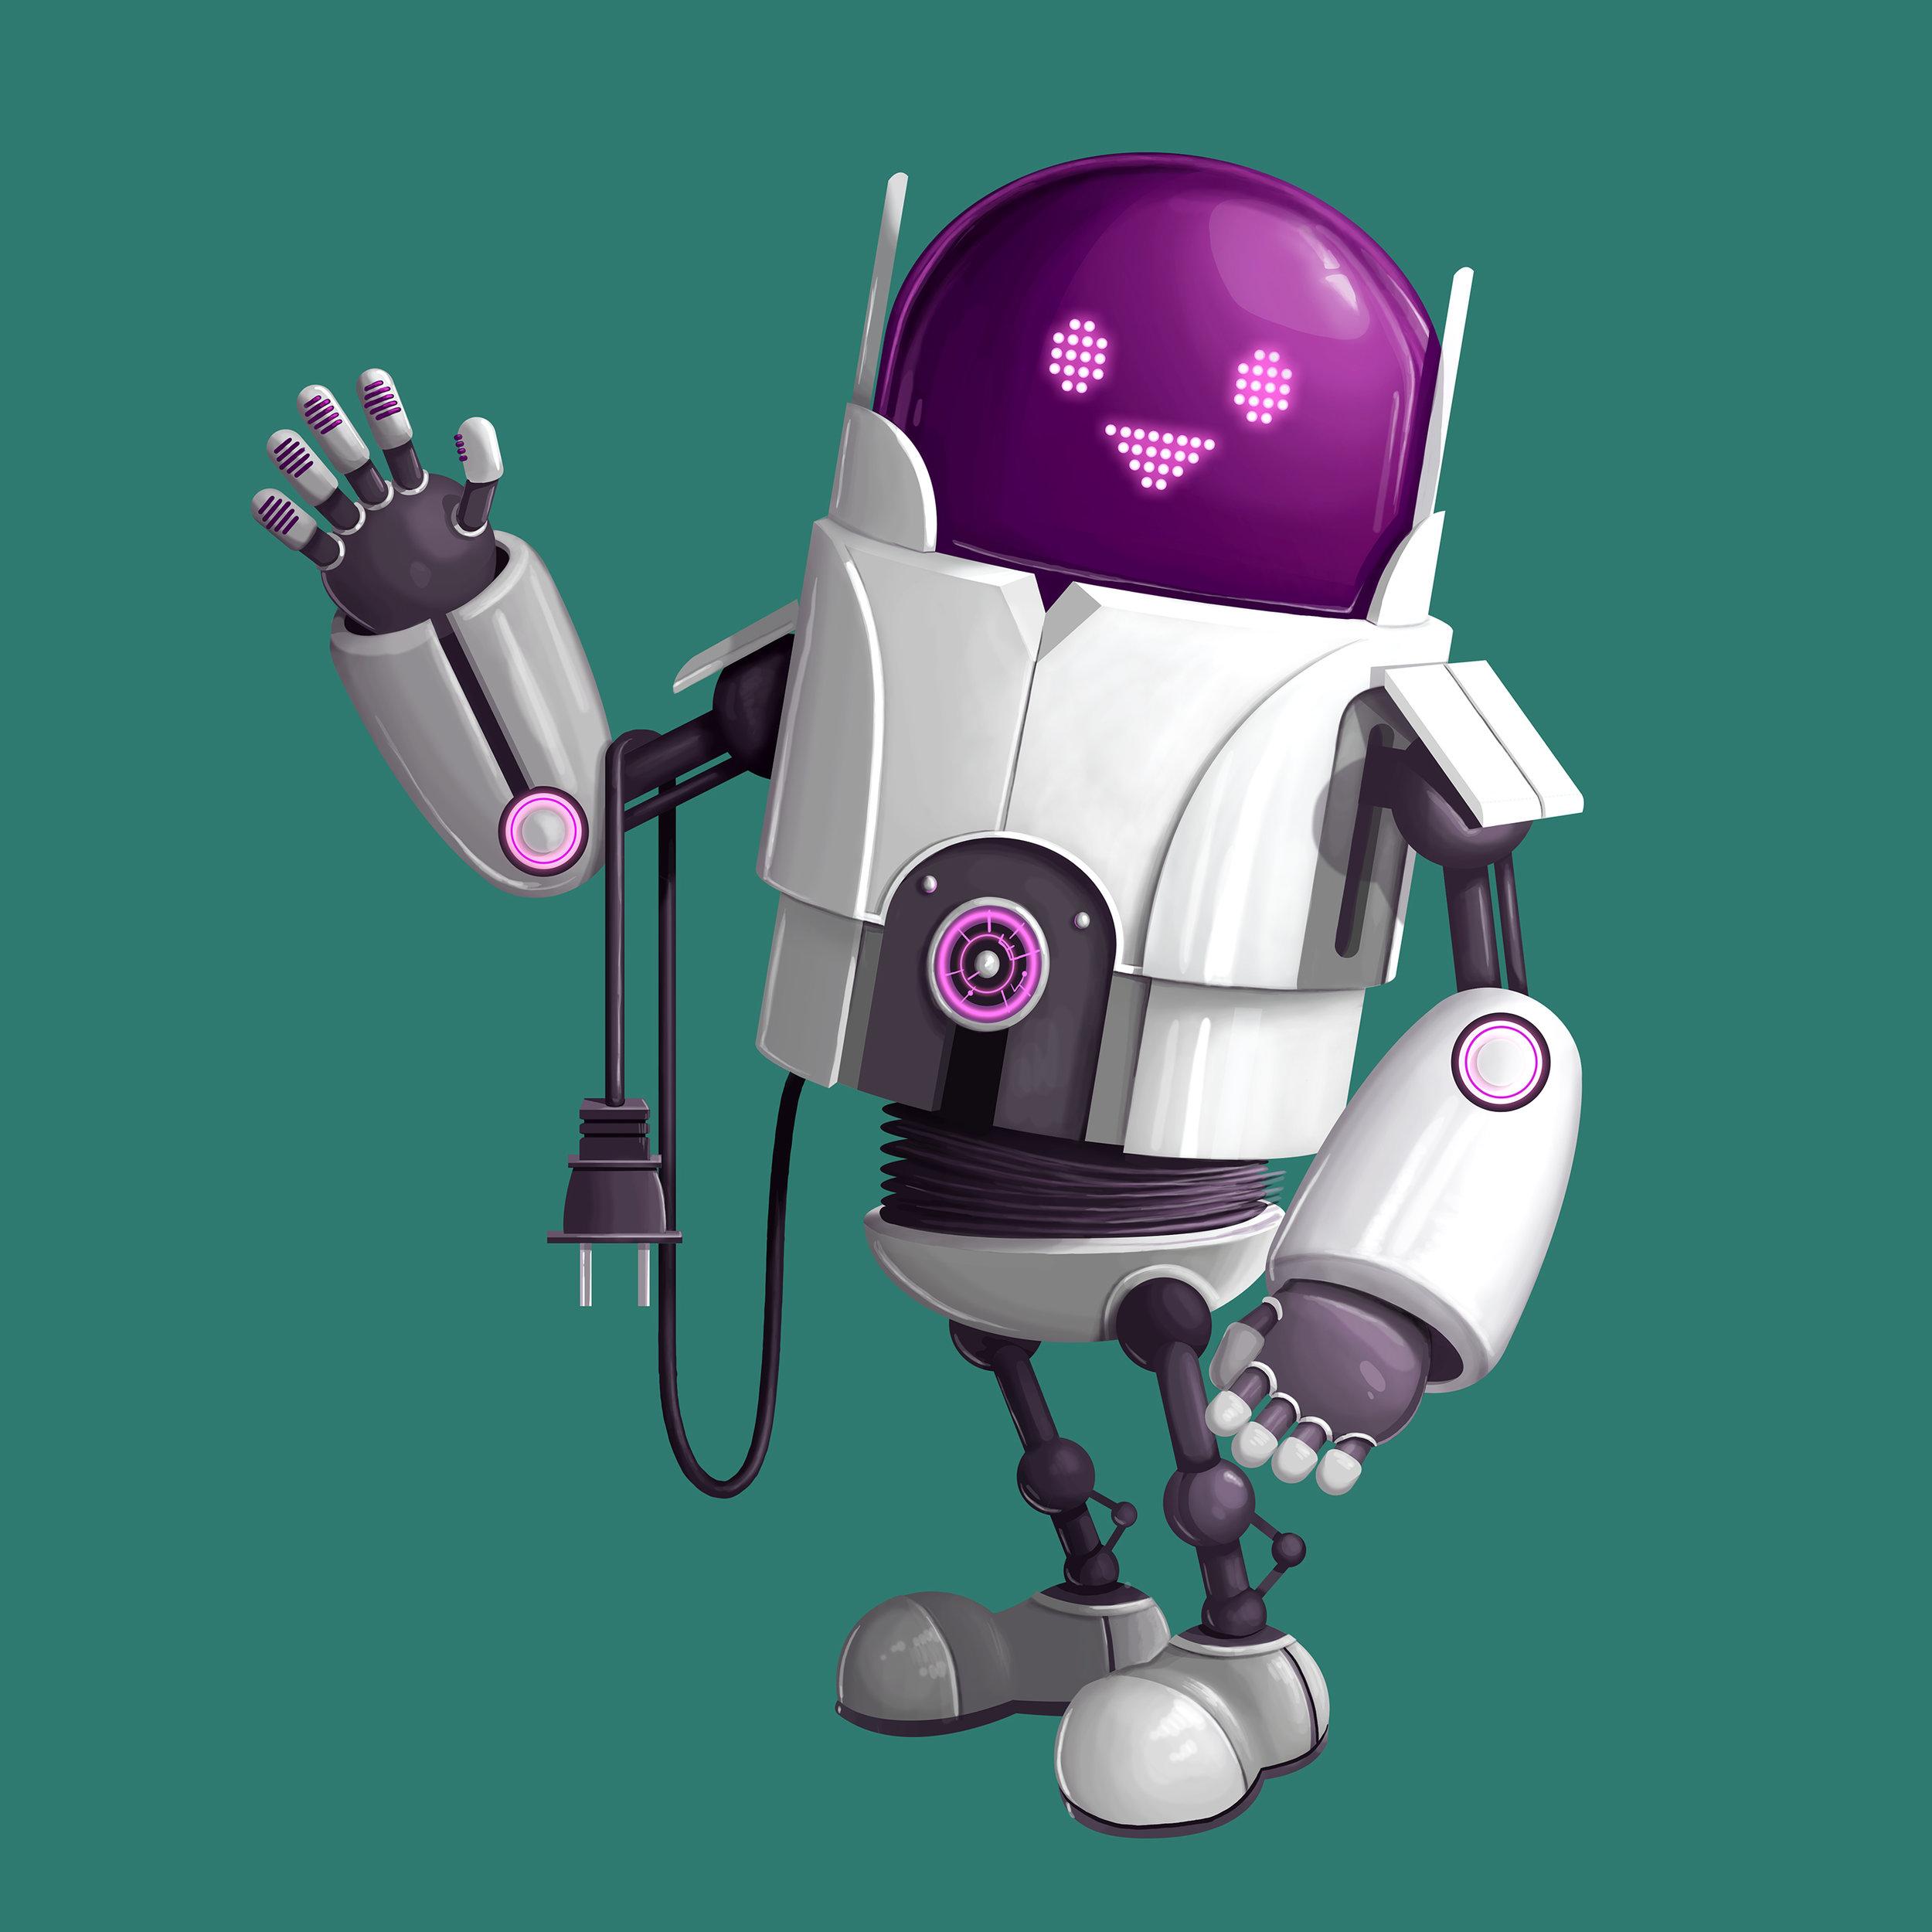 DaveArmstrongIllustration_Robot.jpg